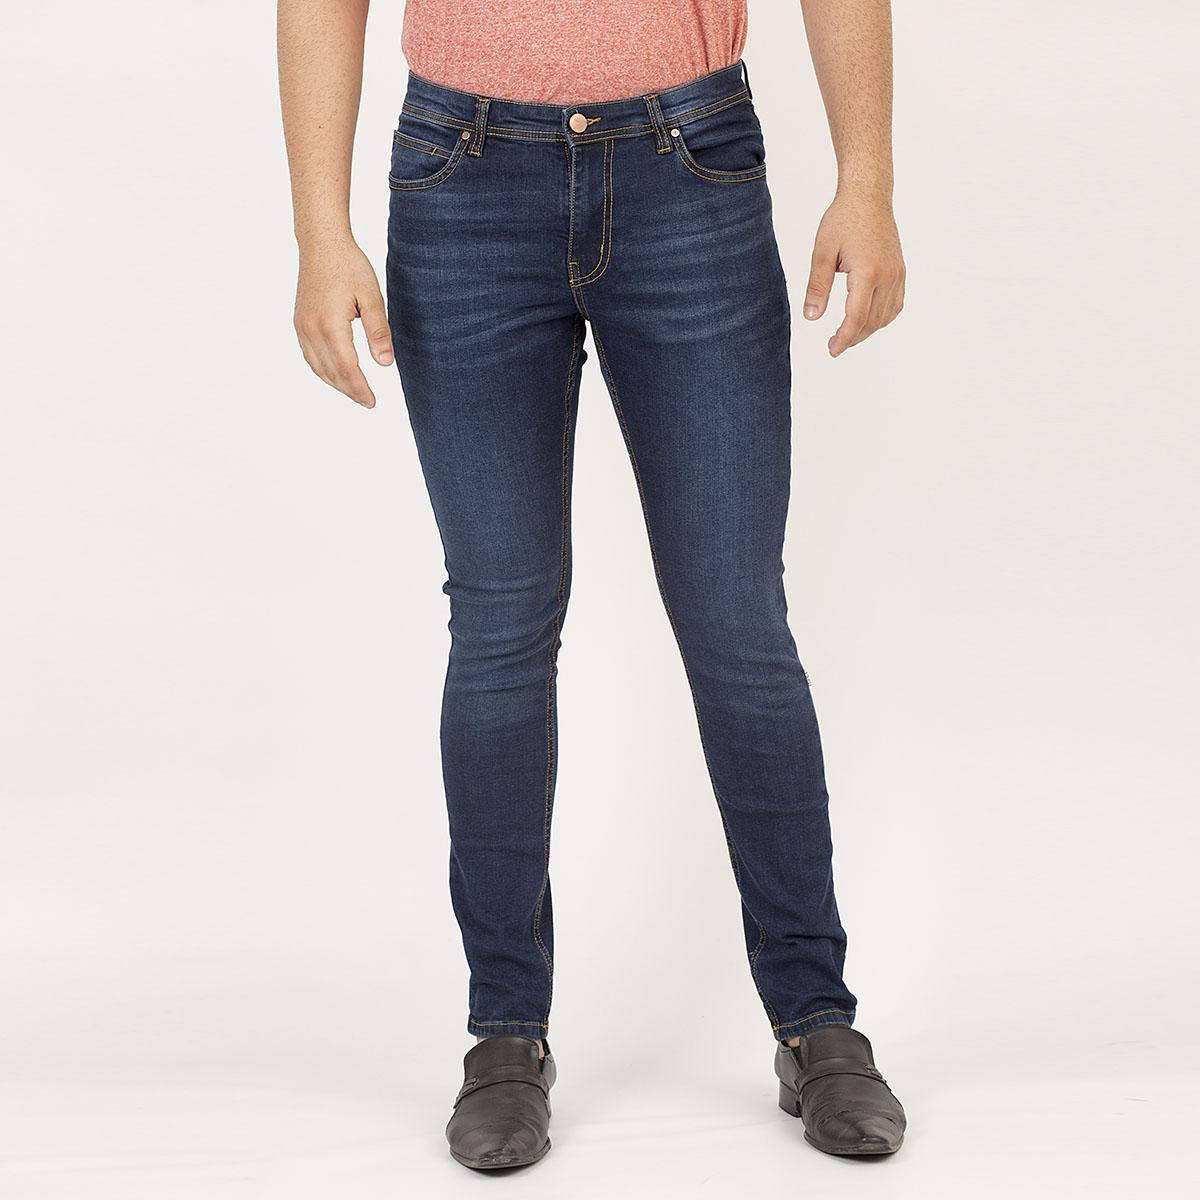 08cb8f85c WOLF Denim Jeans for Men - 04